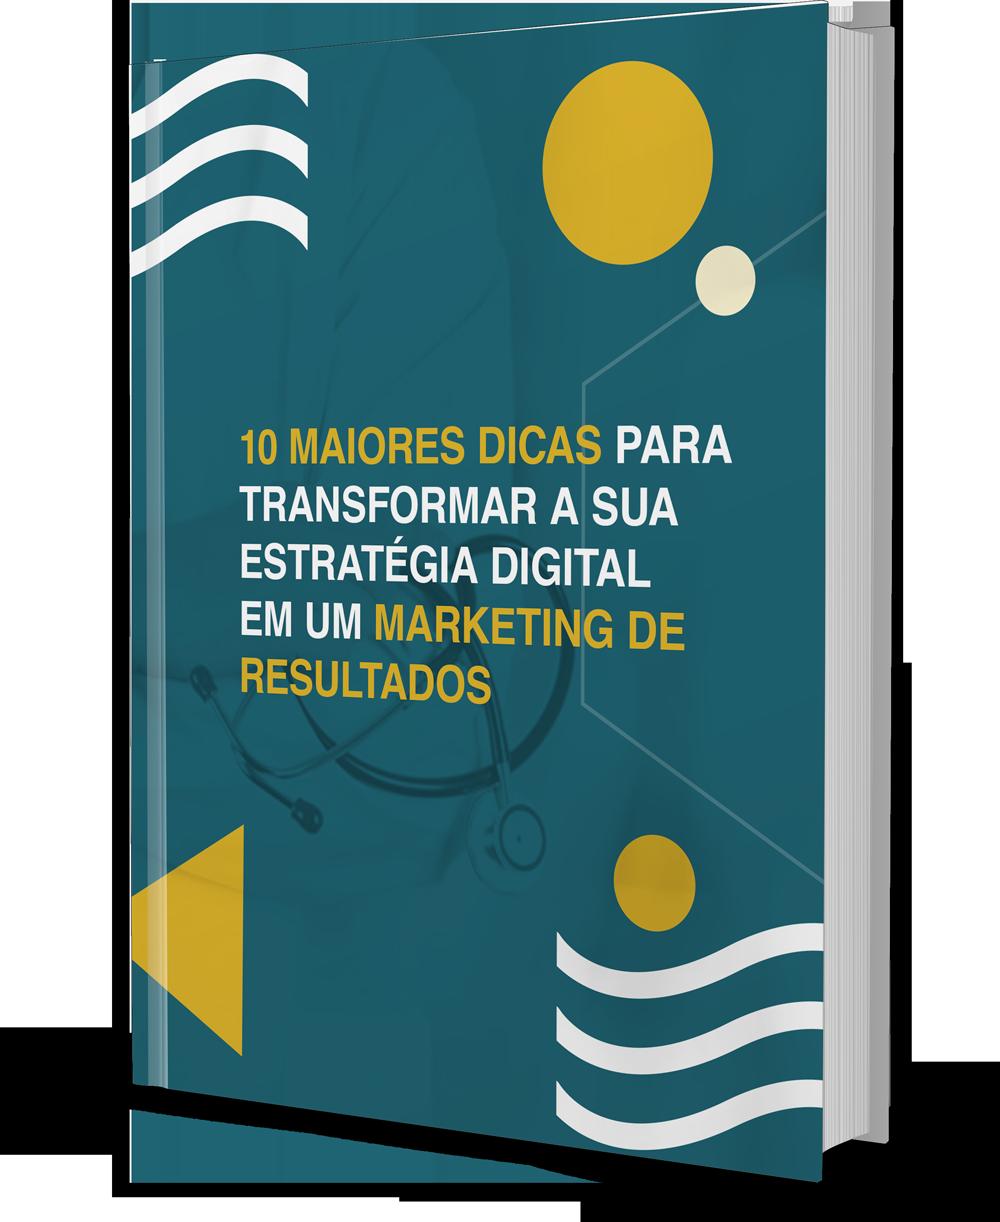 10 Maiores Dicas para Transformar sua Estratégia Digital em um Marketing de Resultados